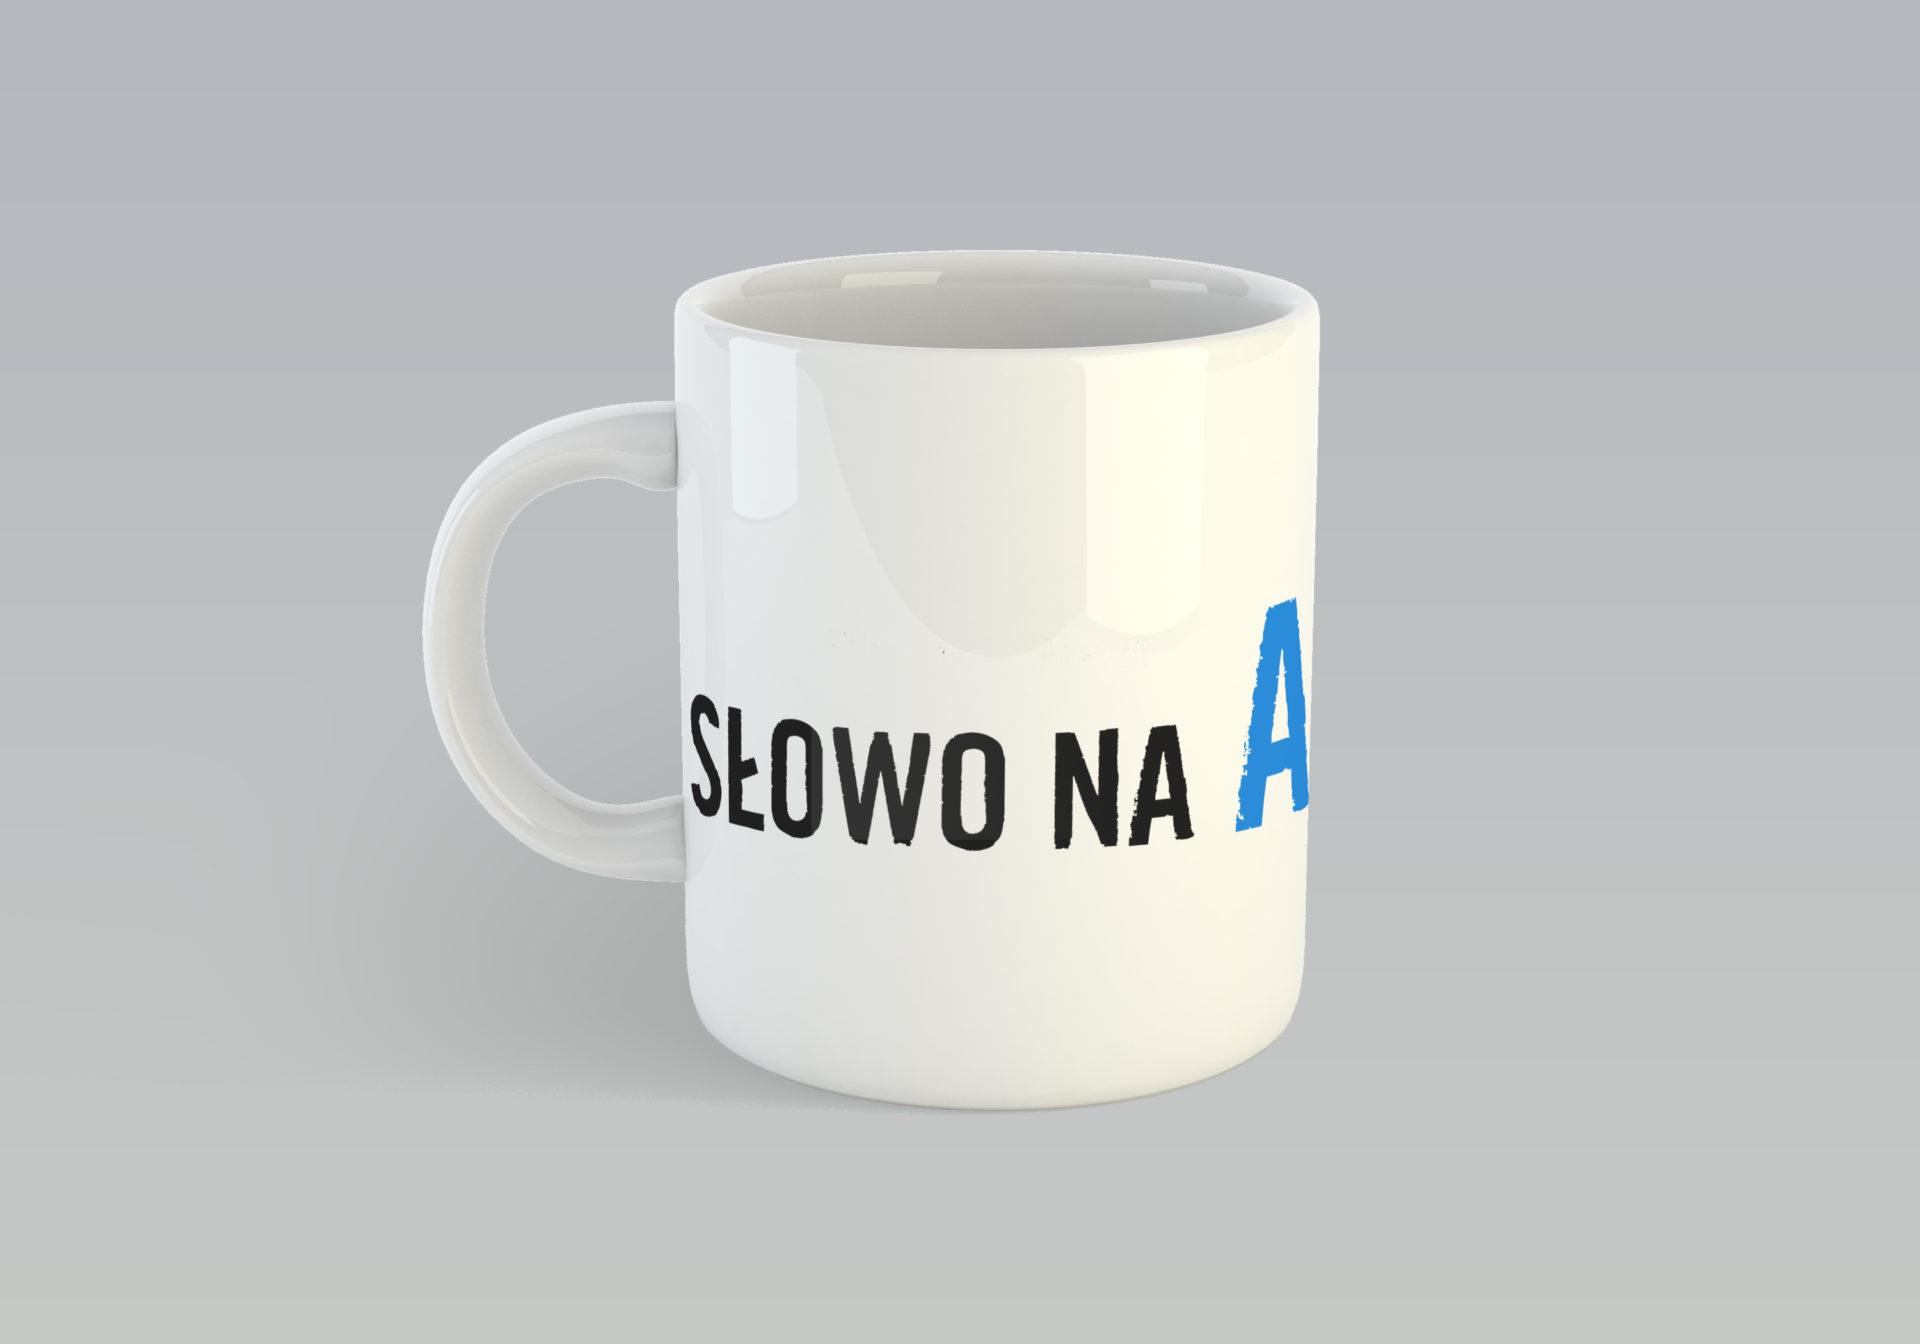 slowonaa1